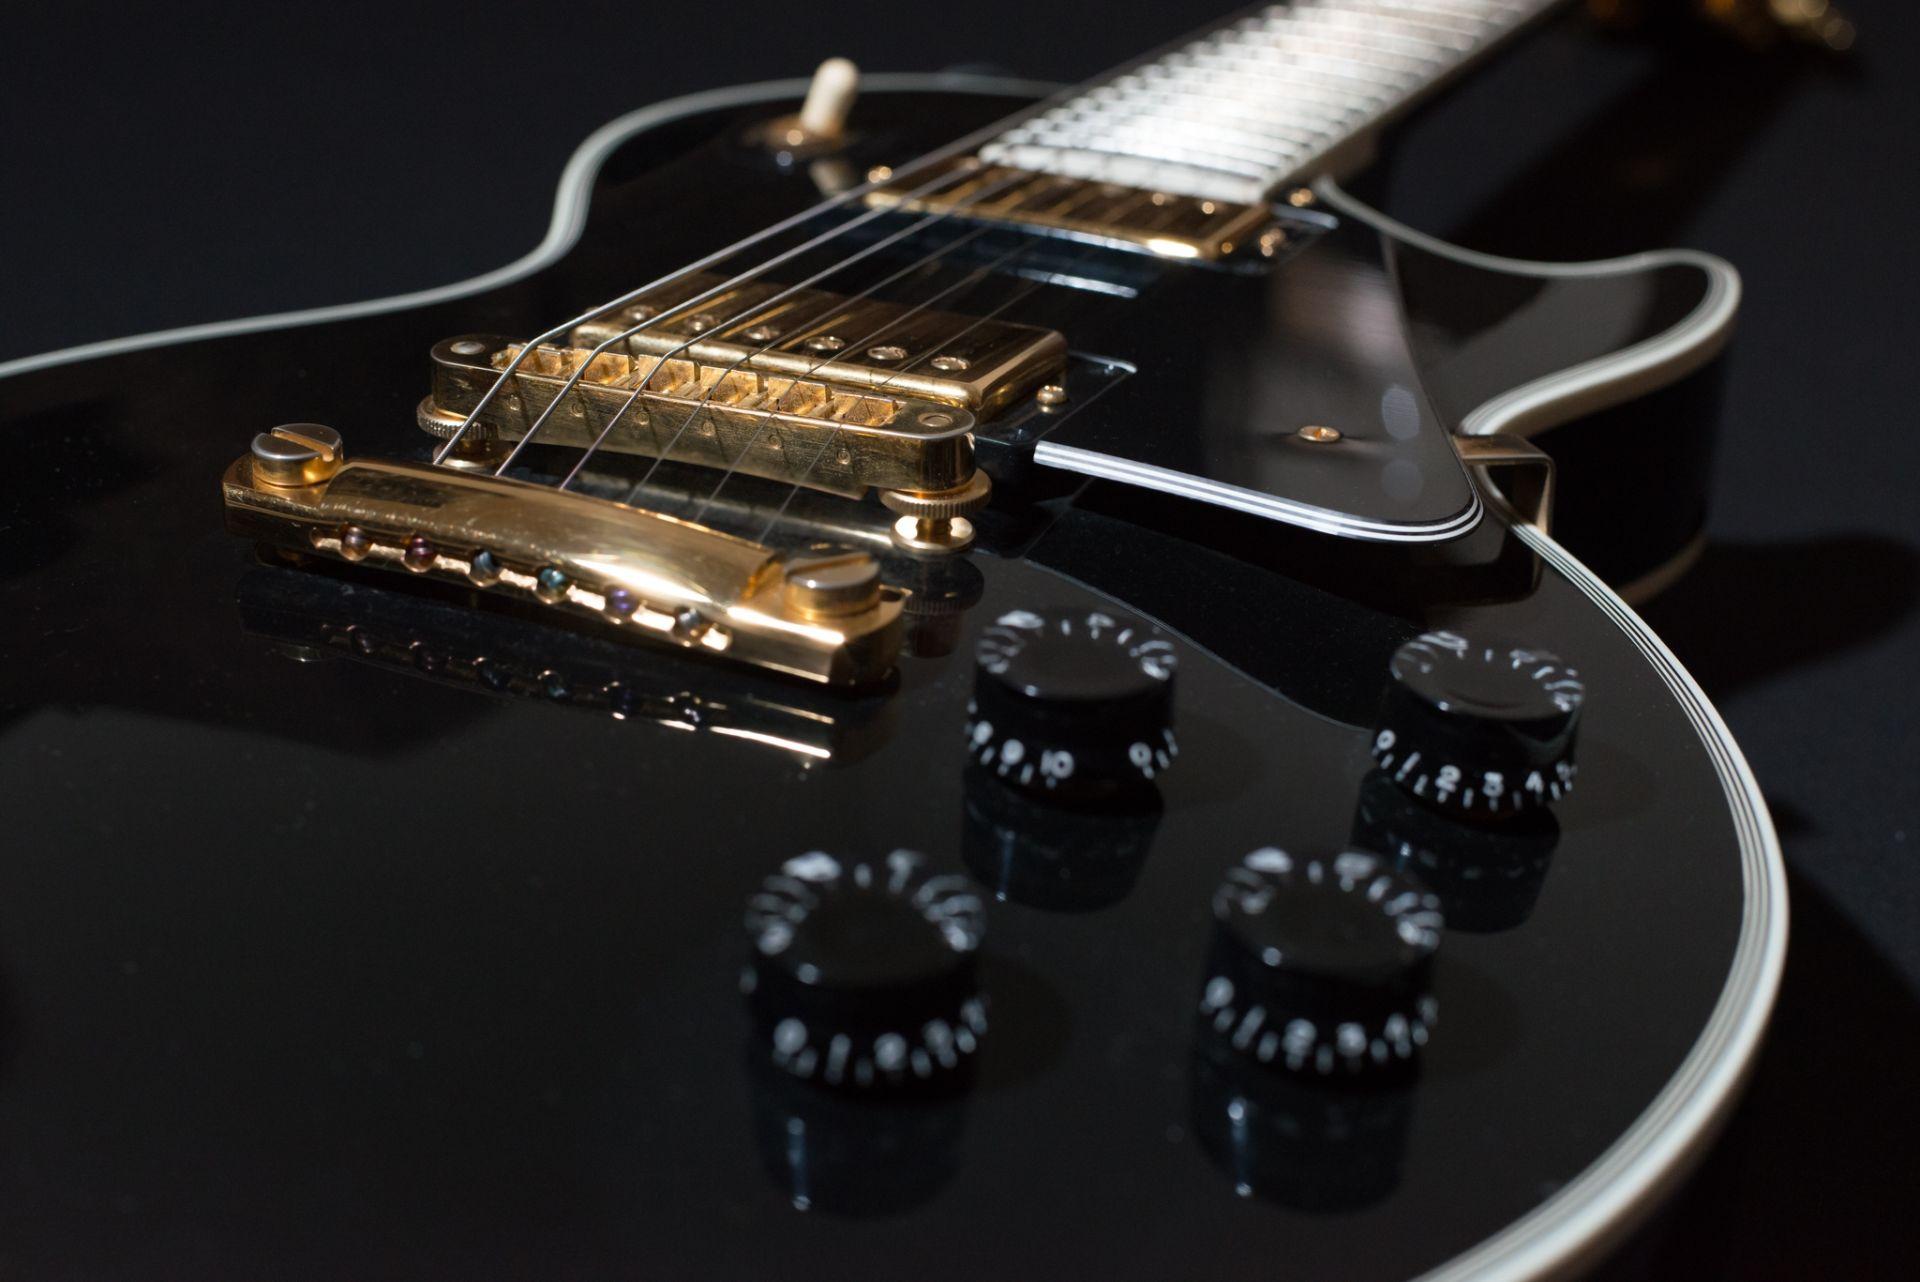 Electric Guitar black, Wallpaper